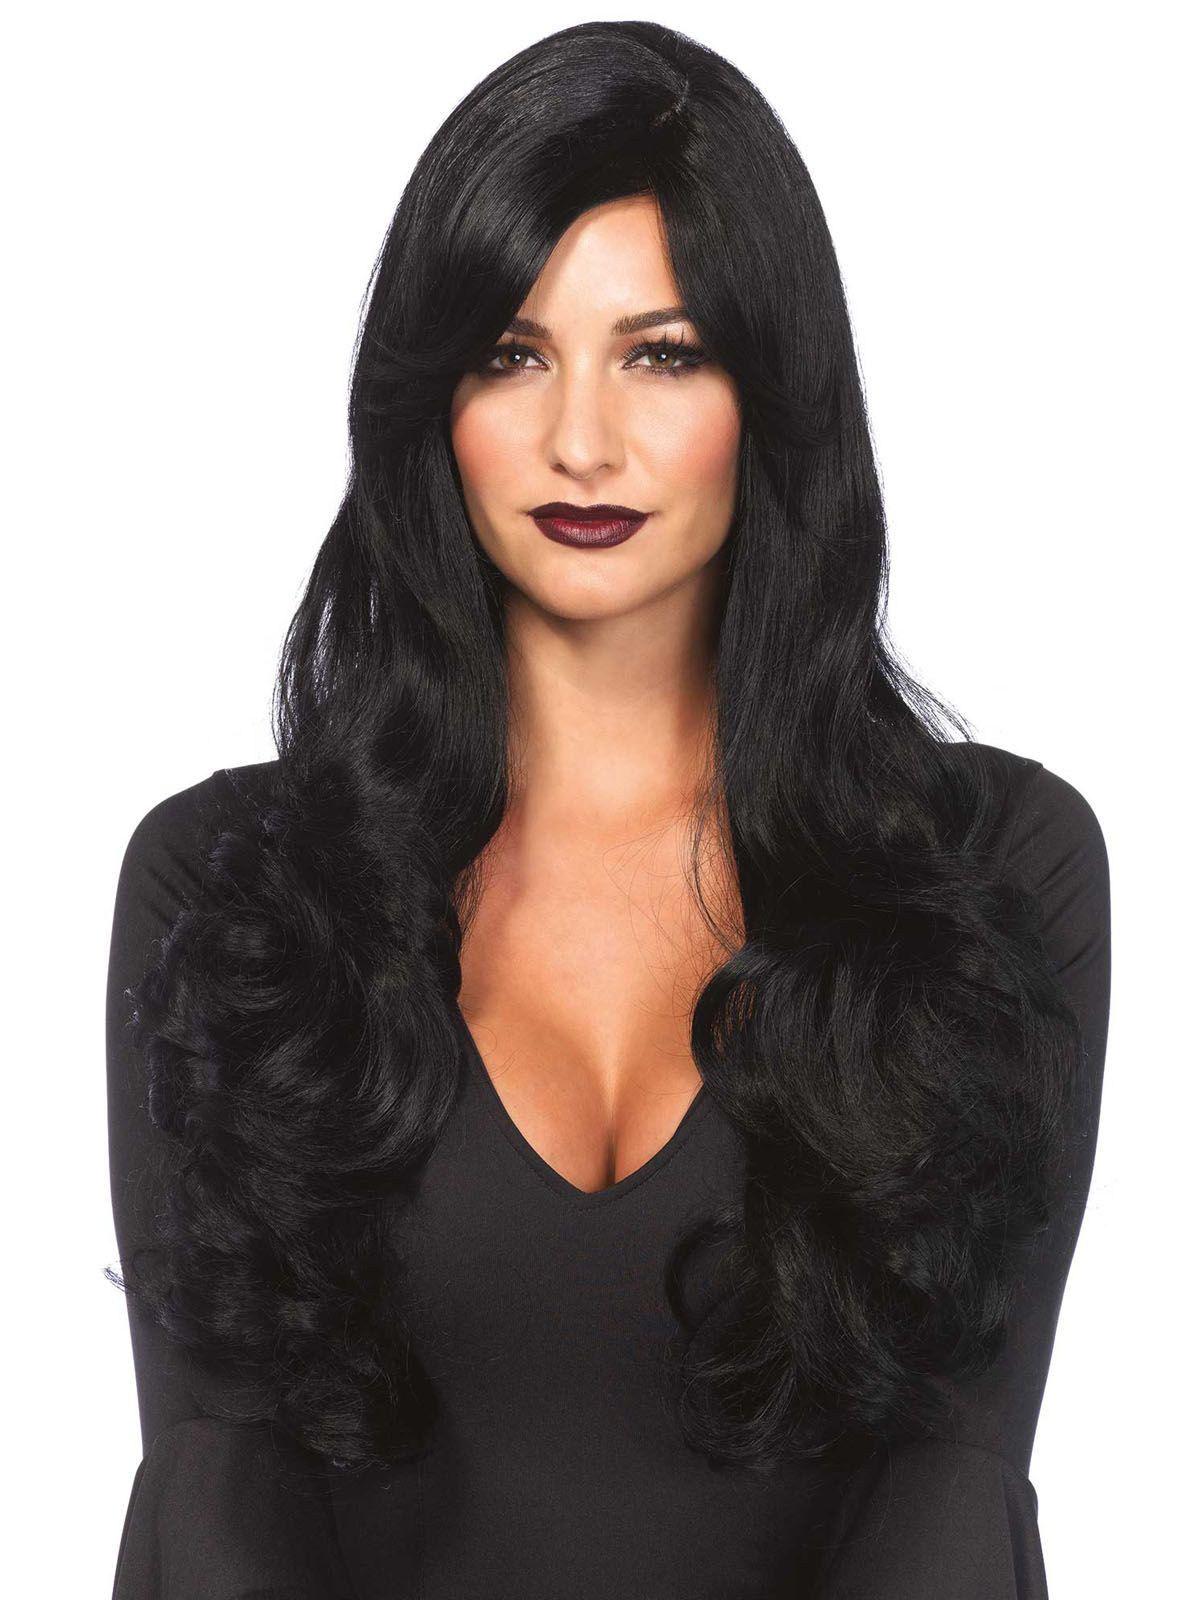 gothic langhaar per cke locken schwarz pinterest halloween per cken lange schwarze haare. Black Bedroom Furniture Sets. Home Design Ideas